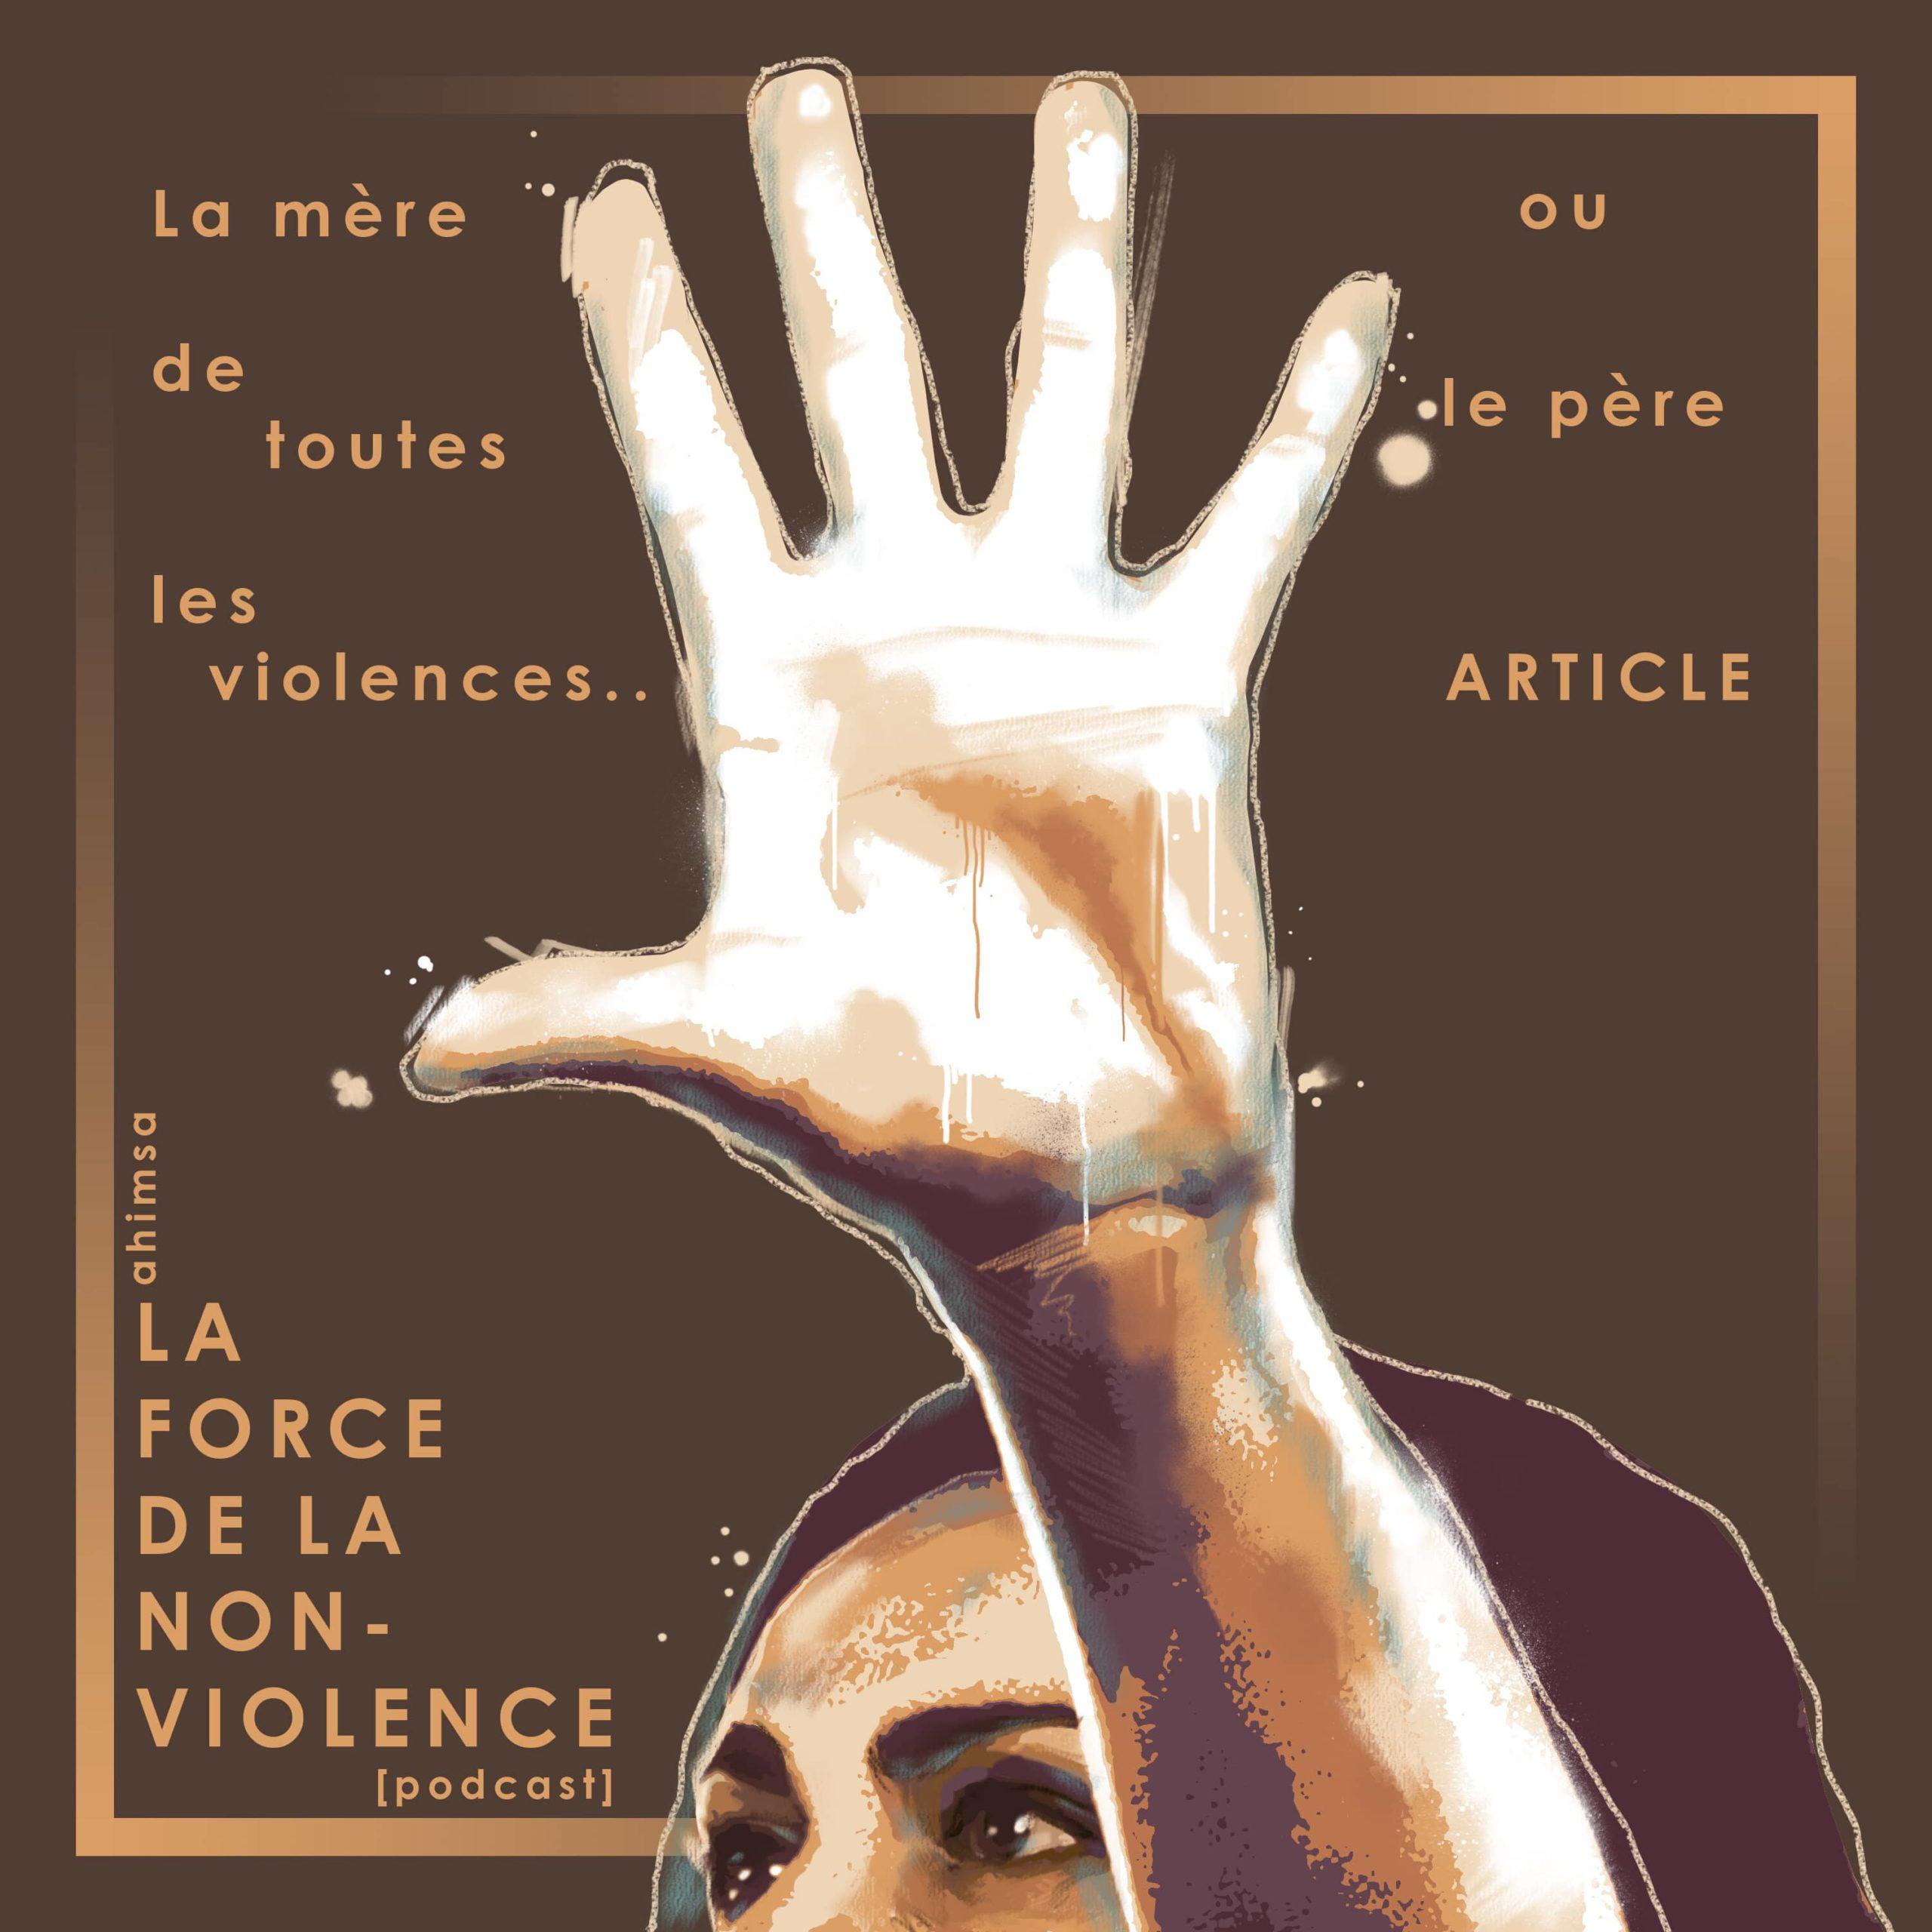 La mère de toutes les violences... ou le père - article - la force de la non-violence - podcast